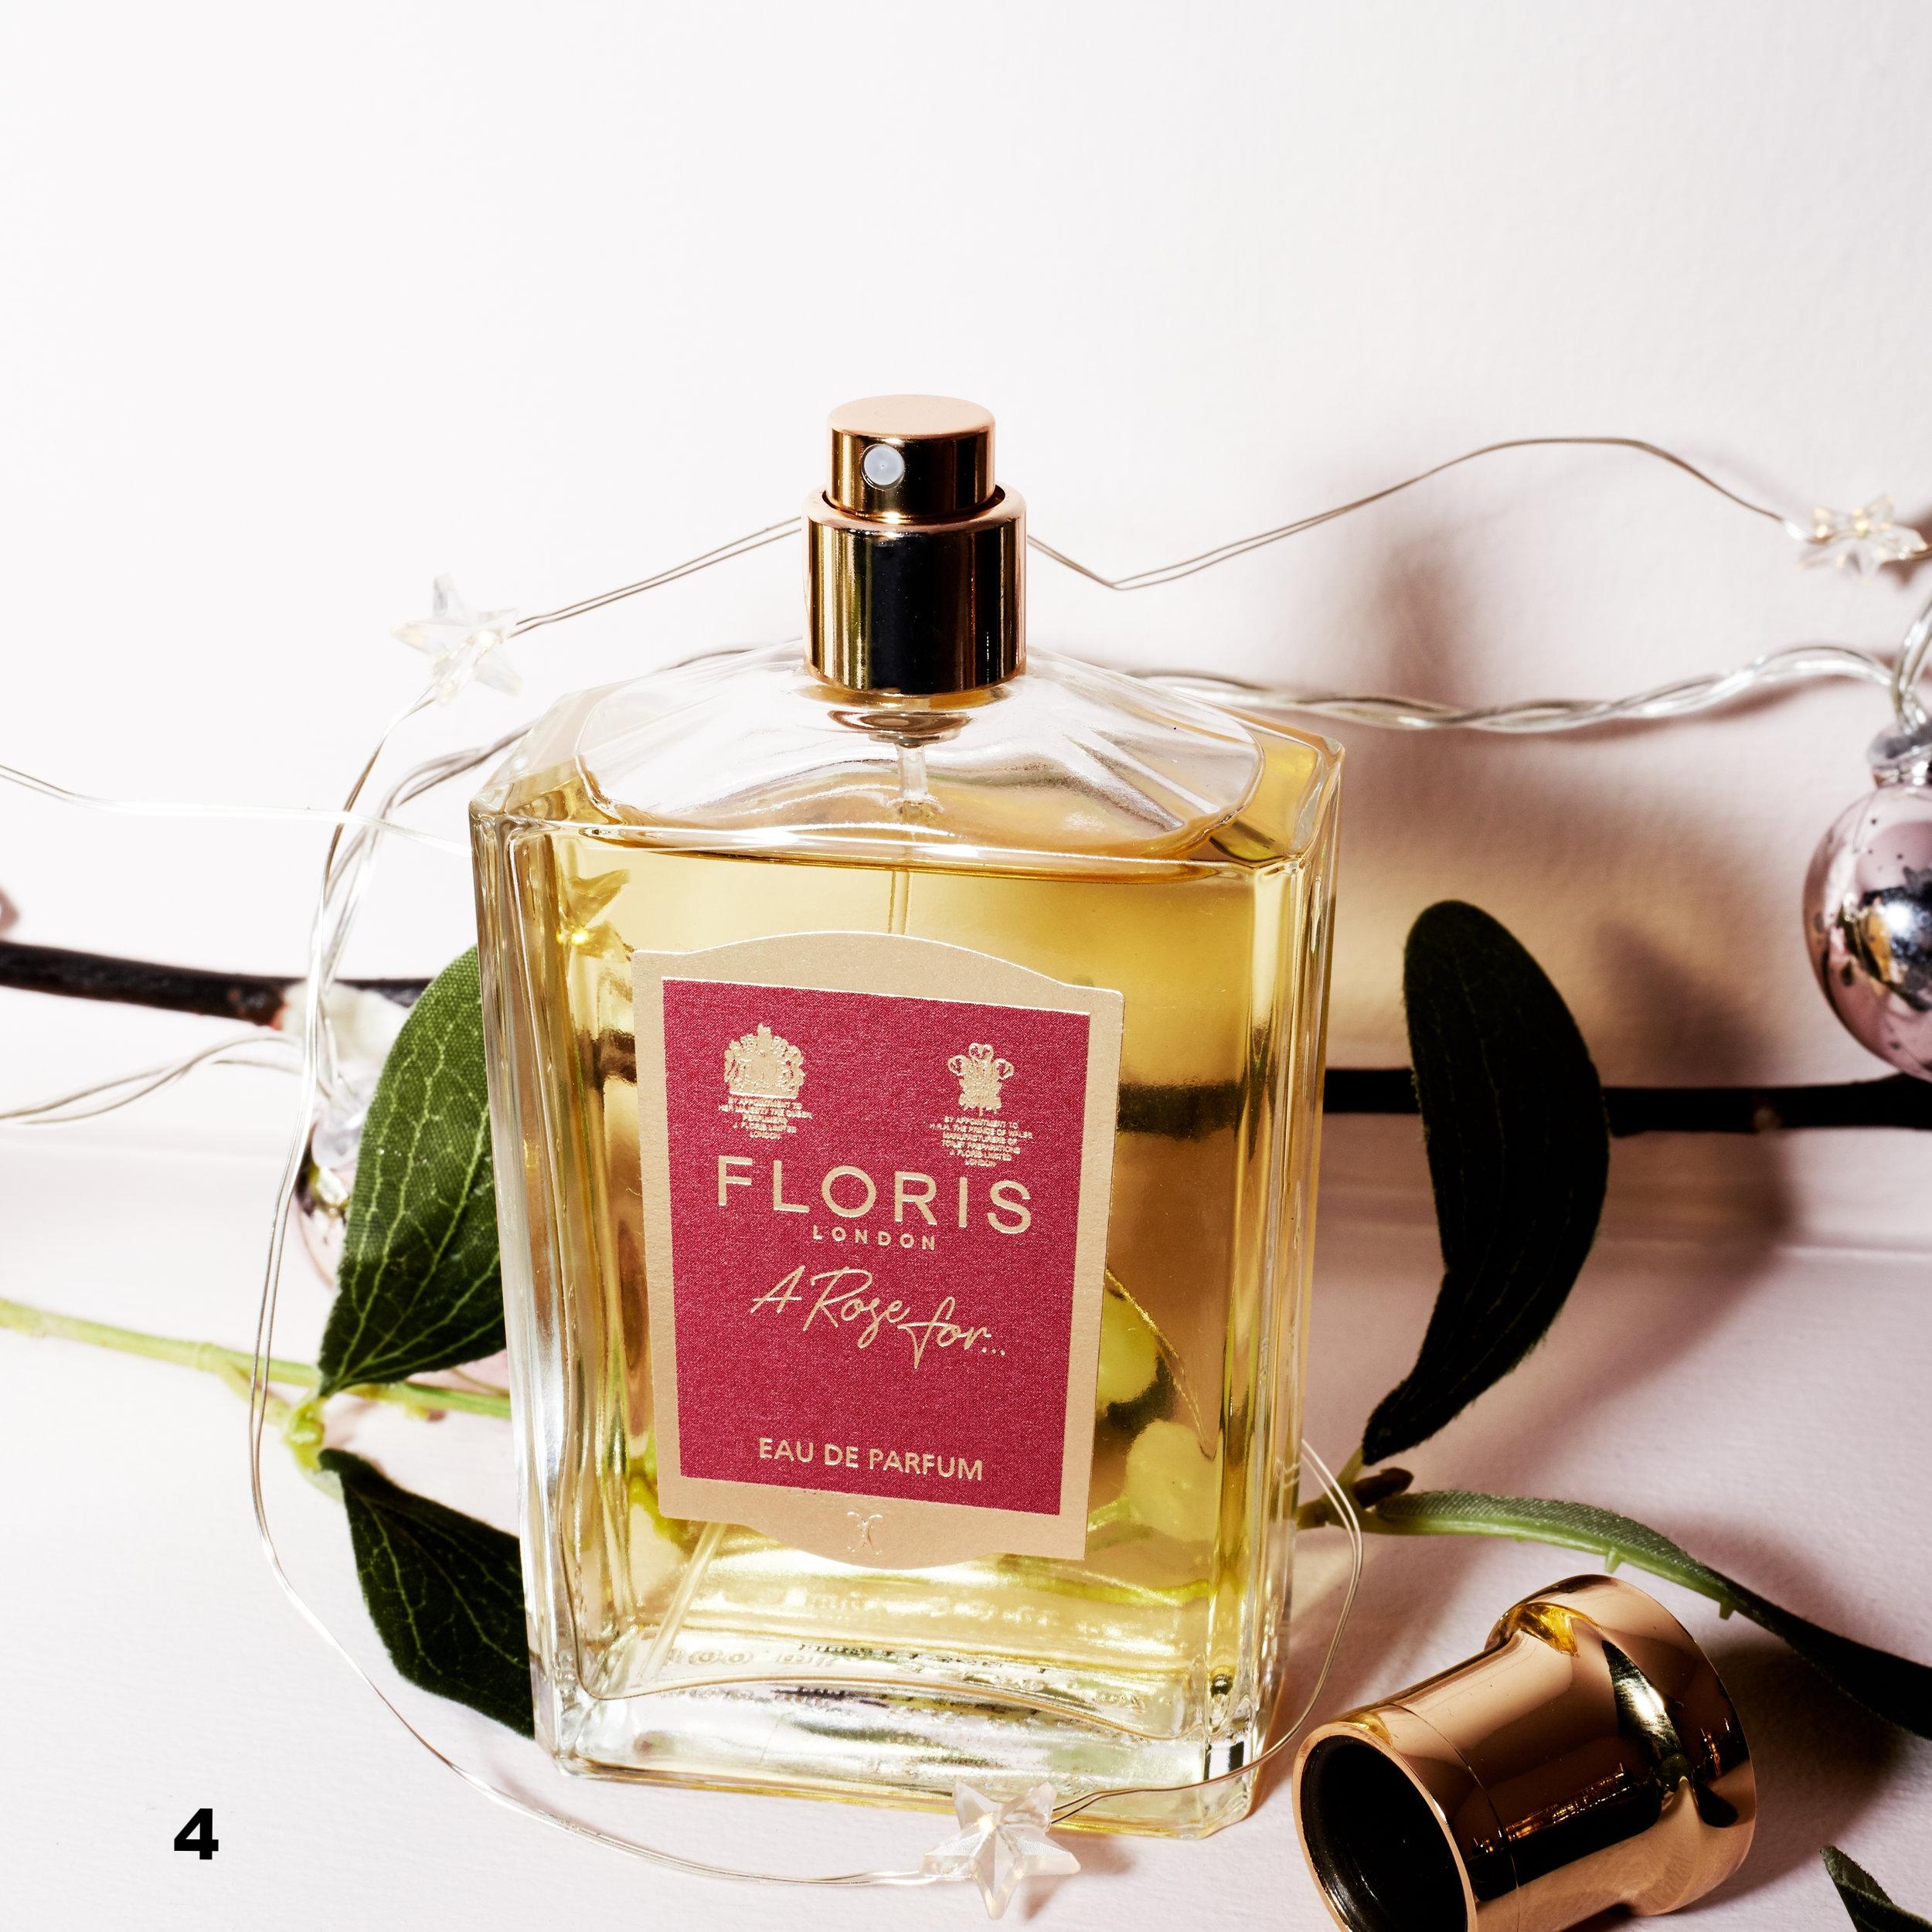 AsiaWerbel_perfumefinals 12.jpg